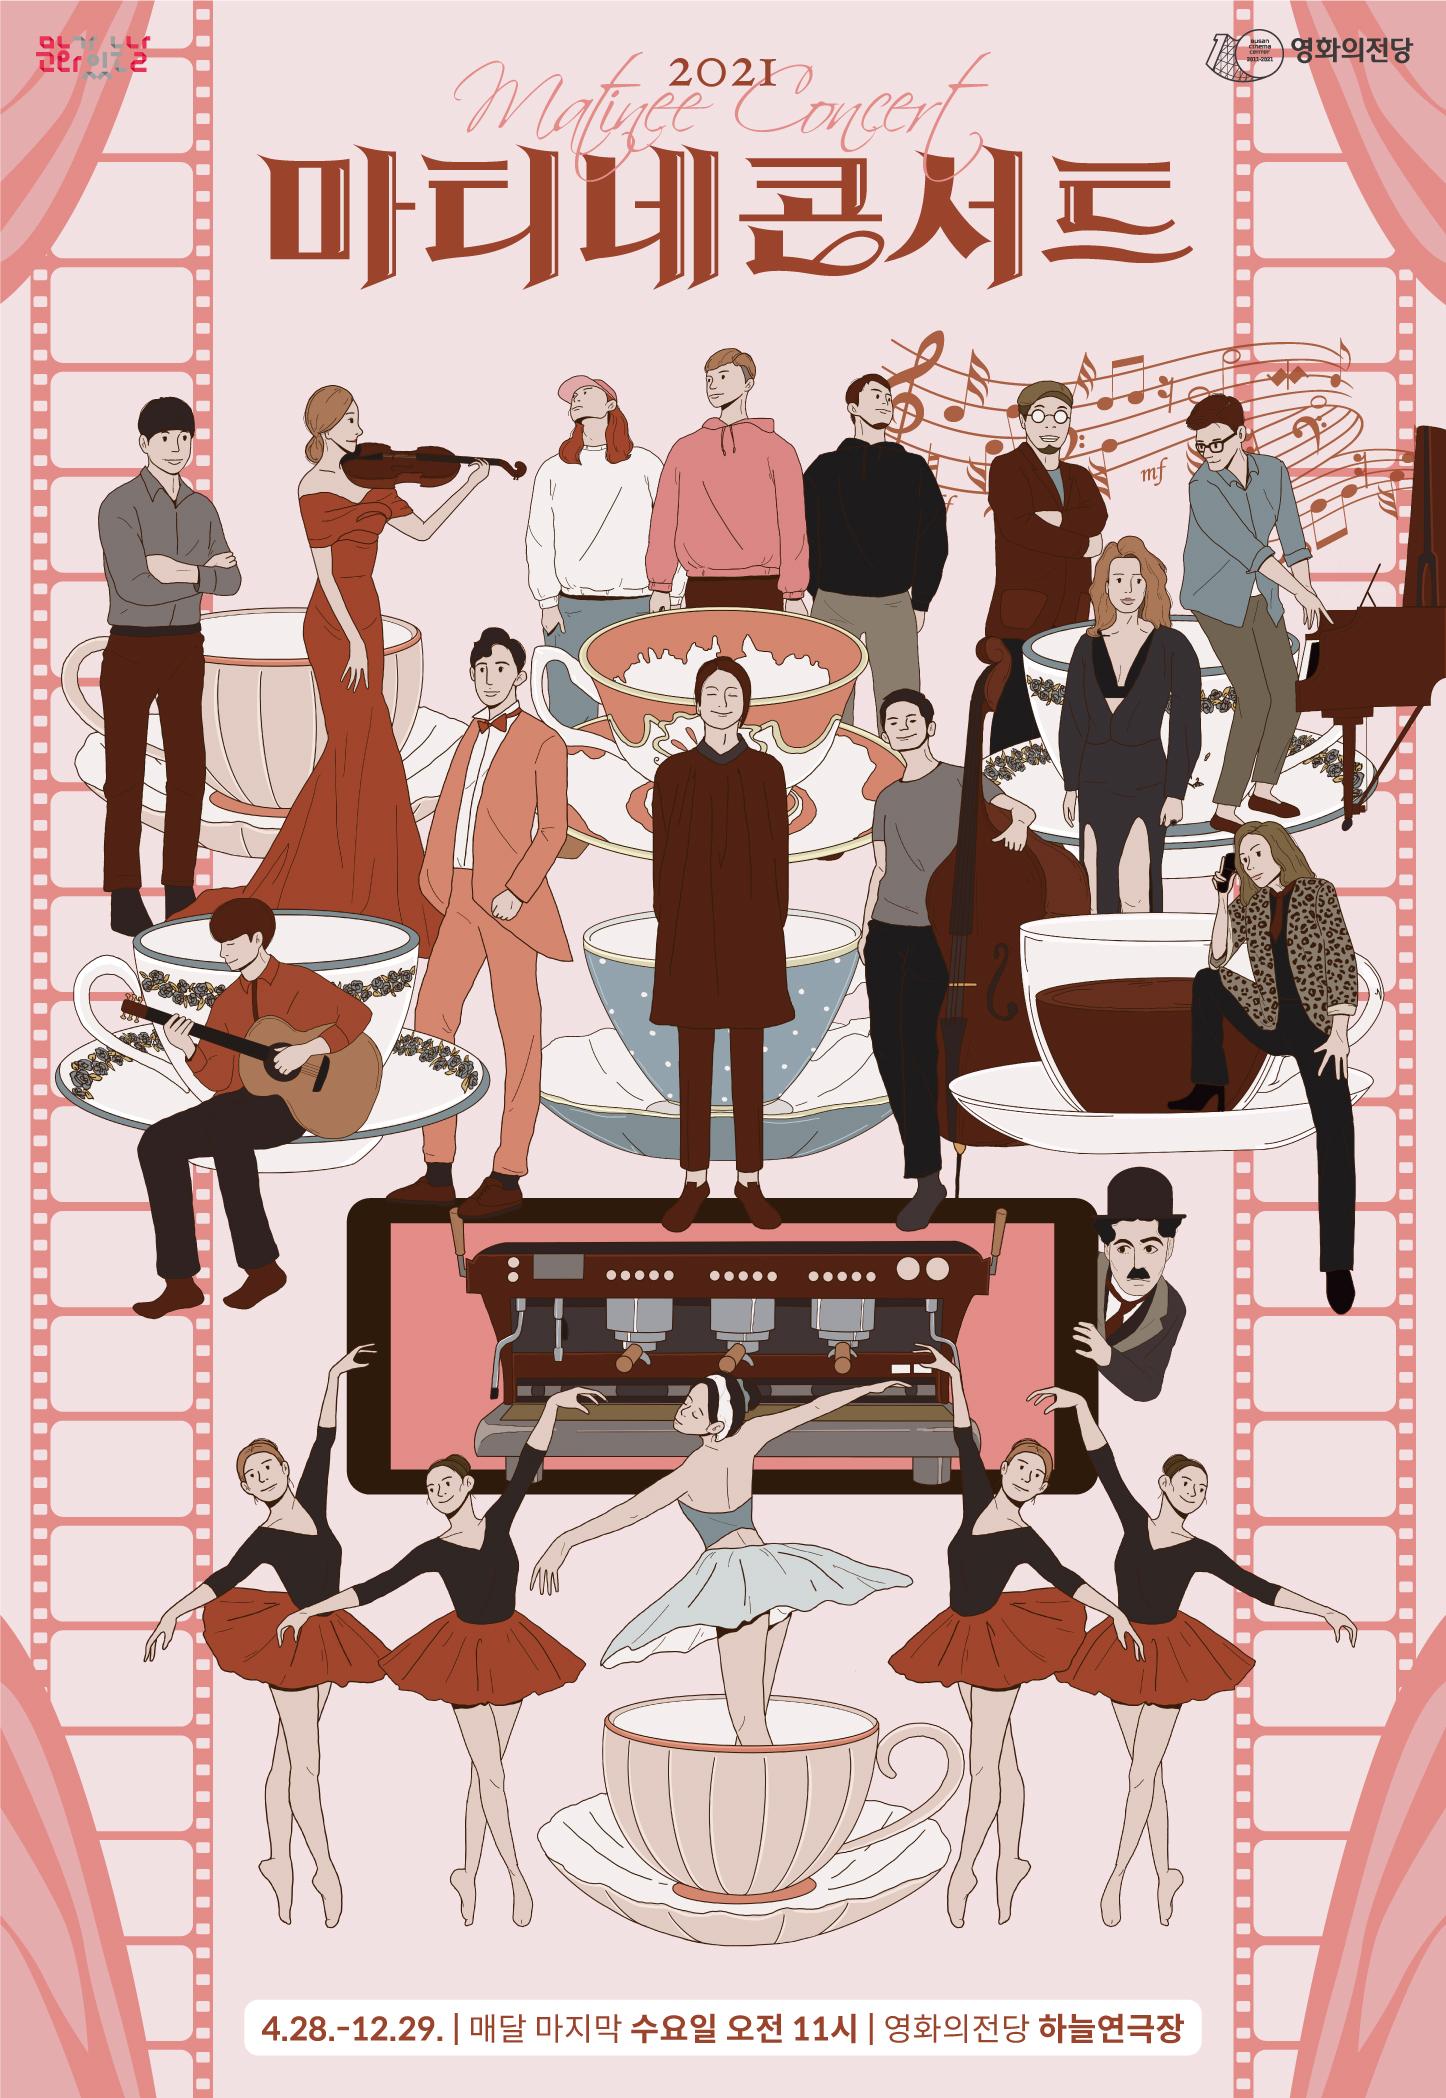 2021 10월 마티네콘서트 (맛칼럼니스트 박상현의 영화 속, 인생의 맛) 공연 포스터